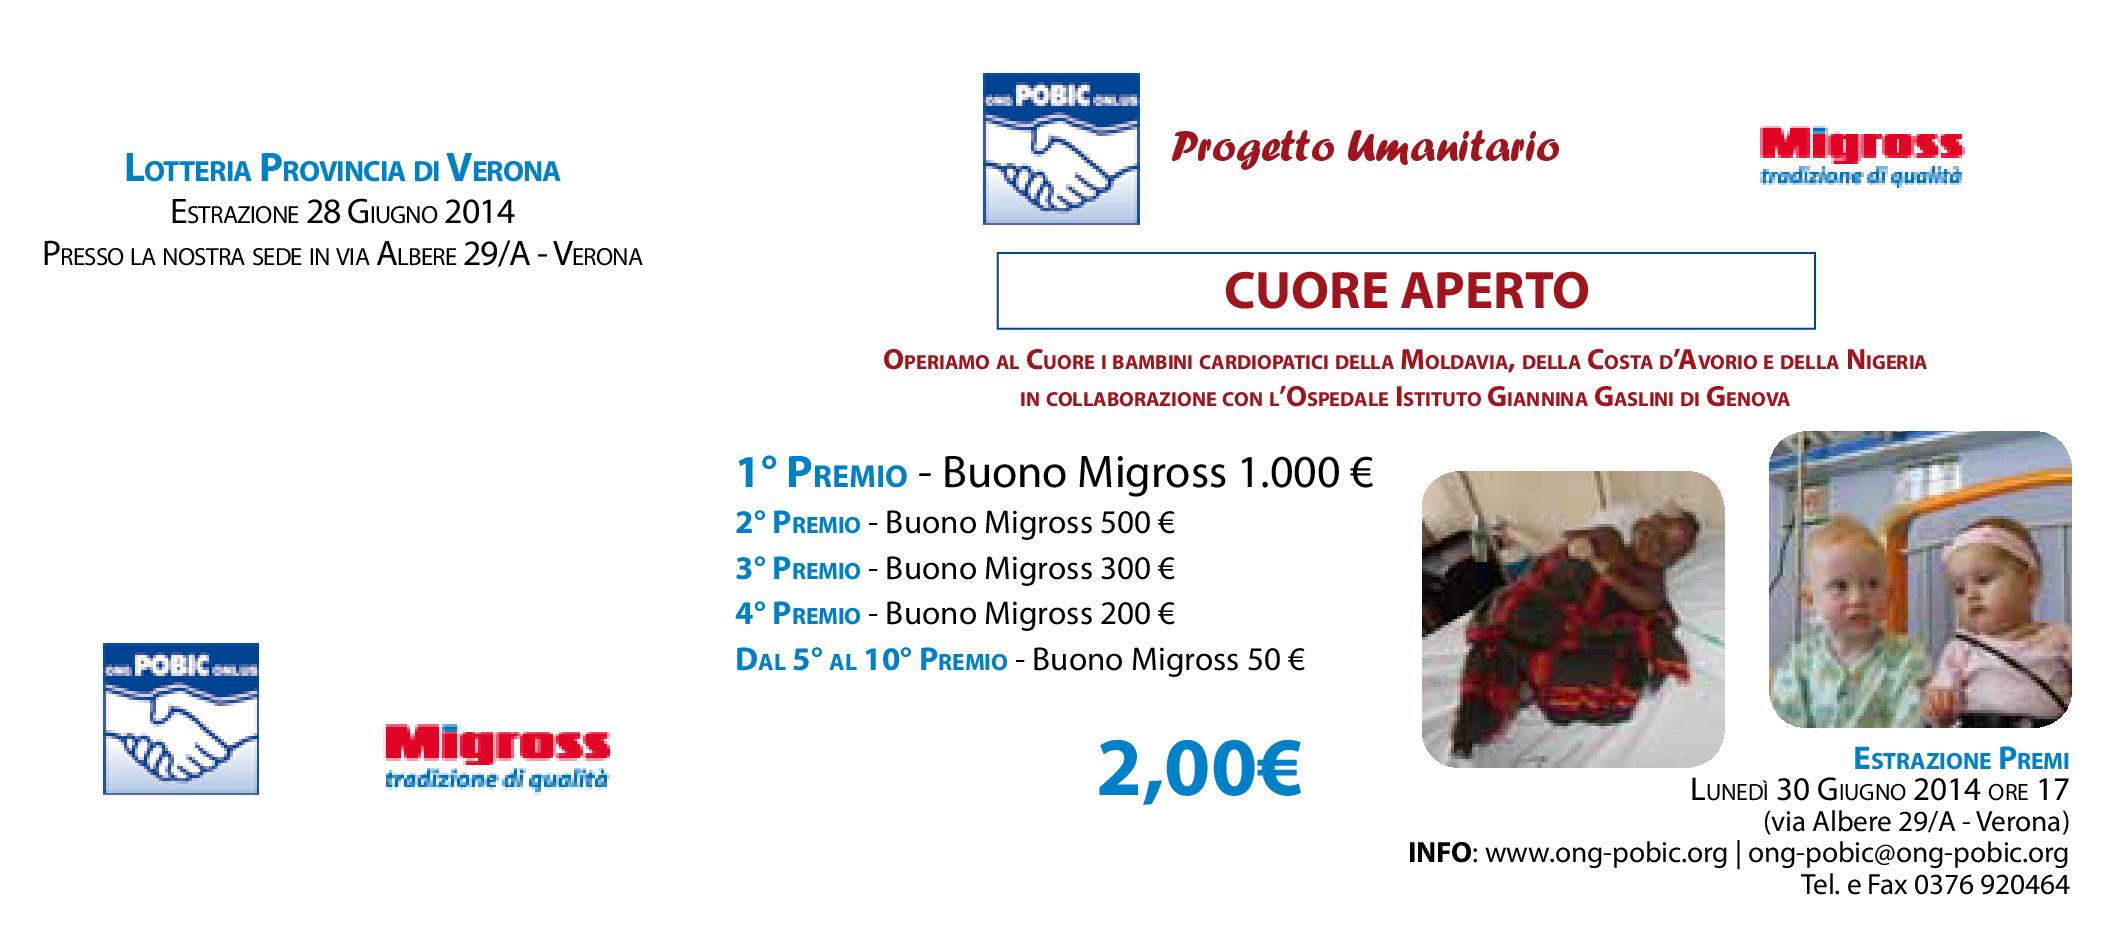 Biglietto Lette. ONG-POBIC 2014